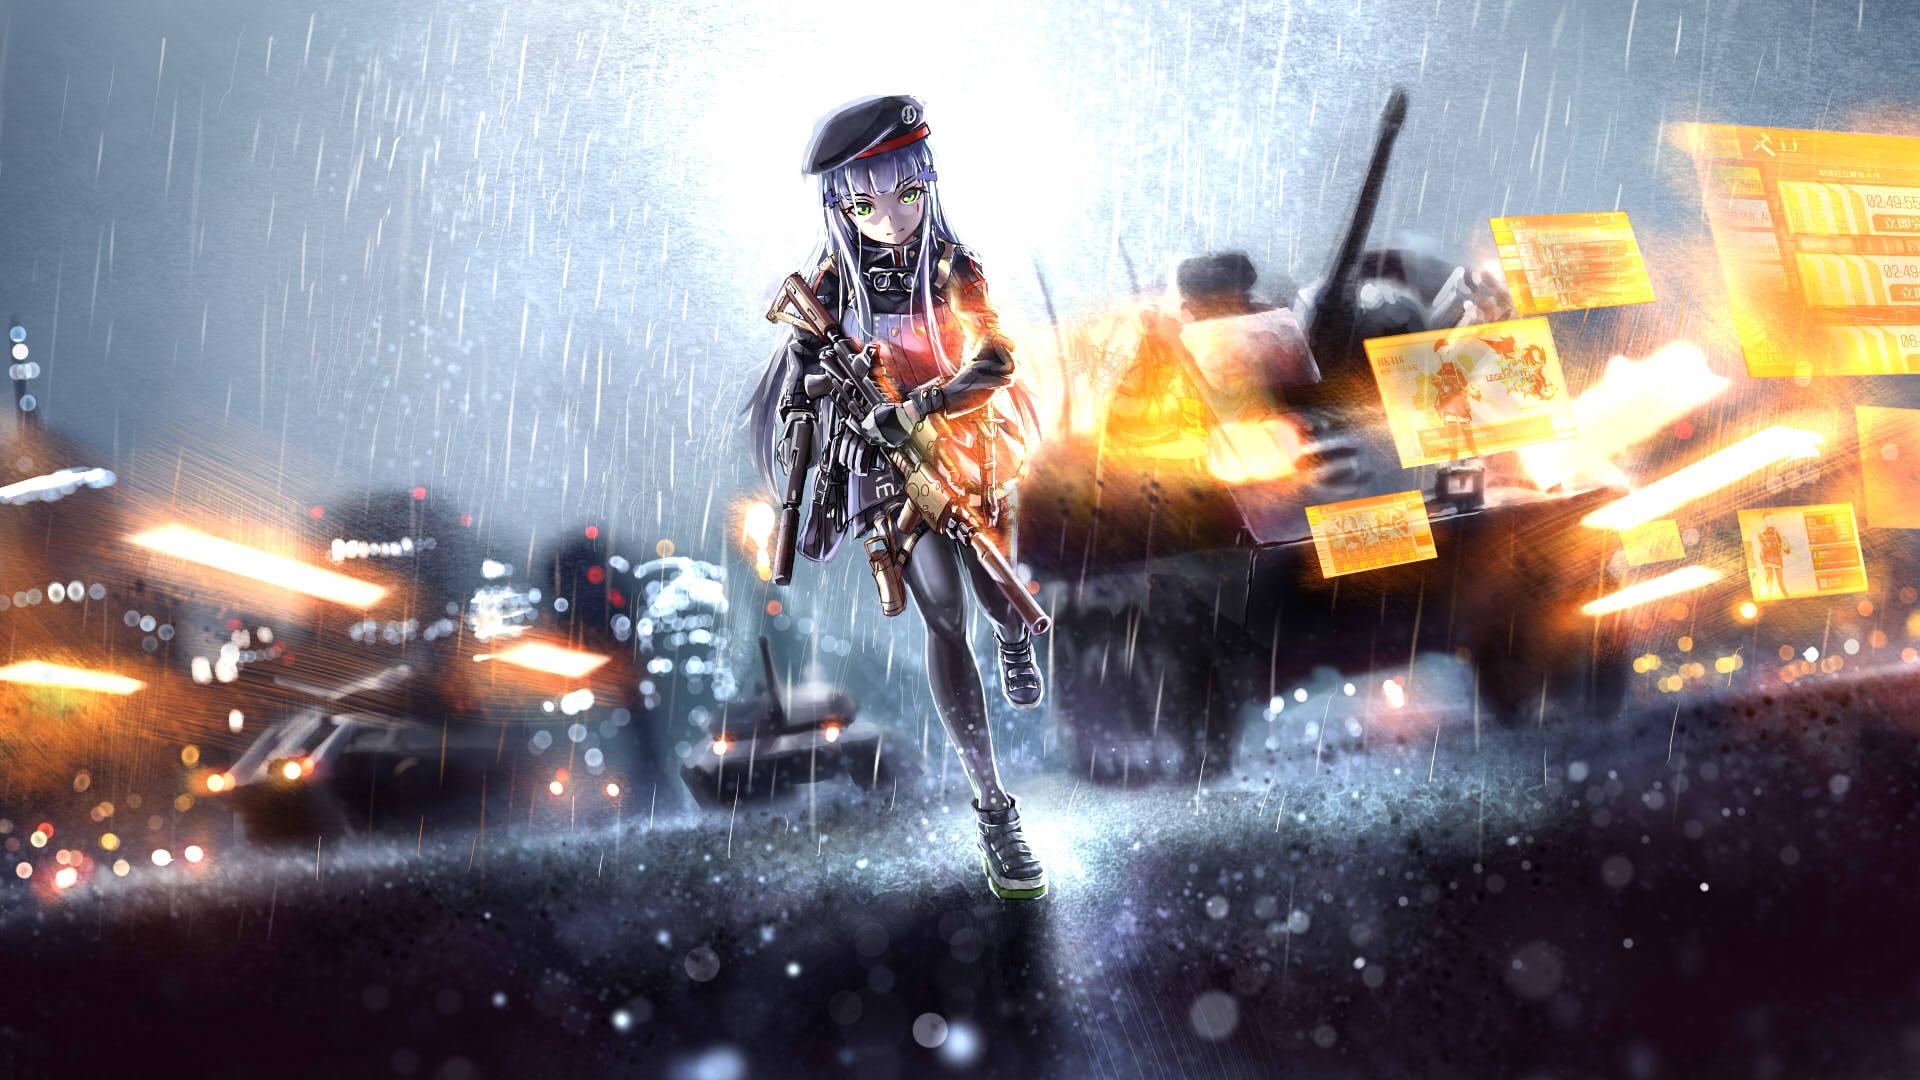 Wallpaper Engine Gun Anime Girl Girls Frontline Hd Wallpaper Background Image